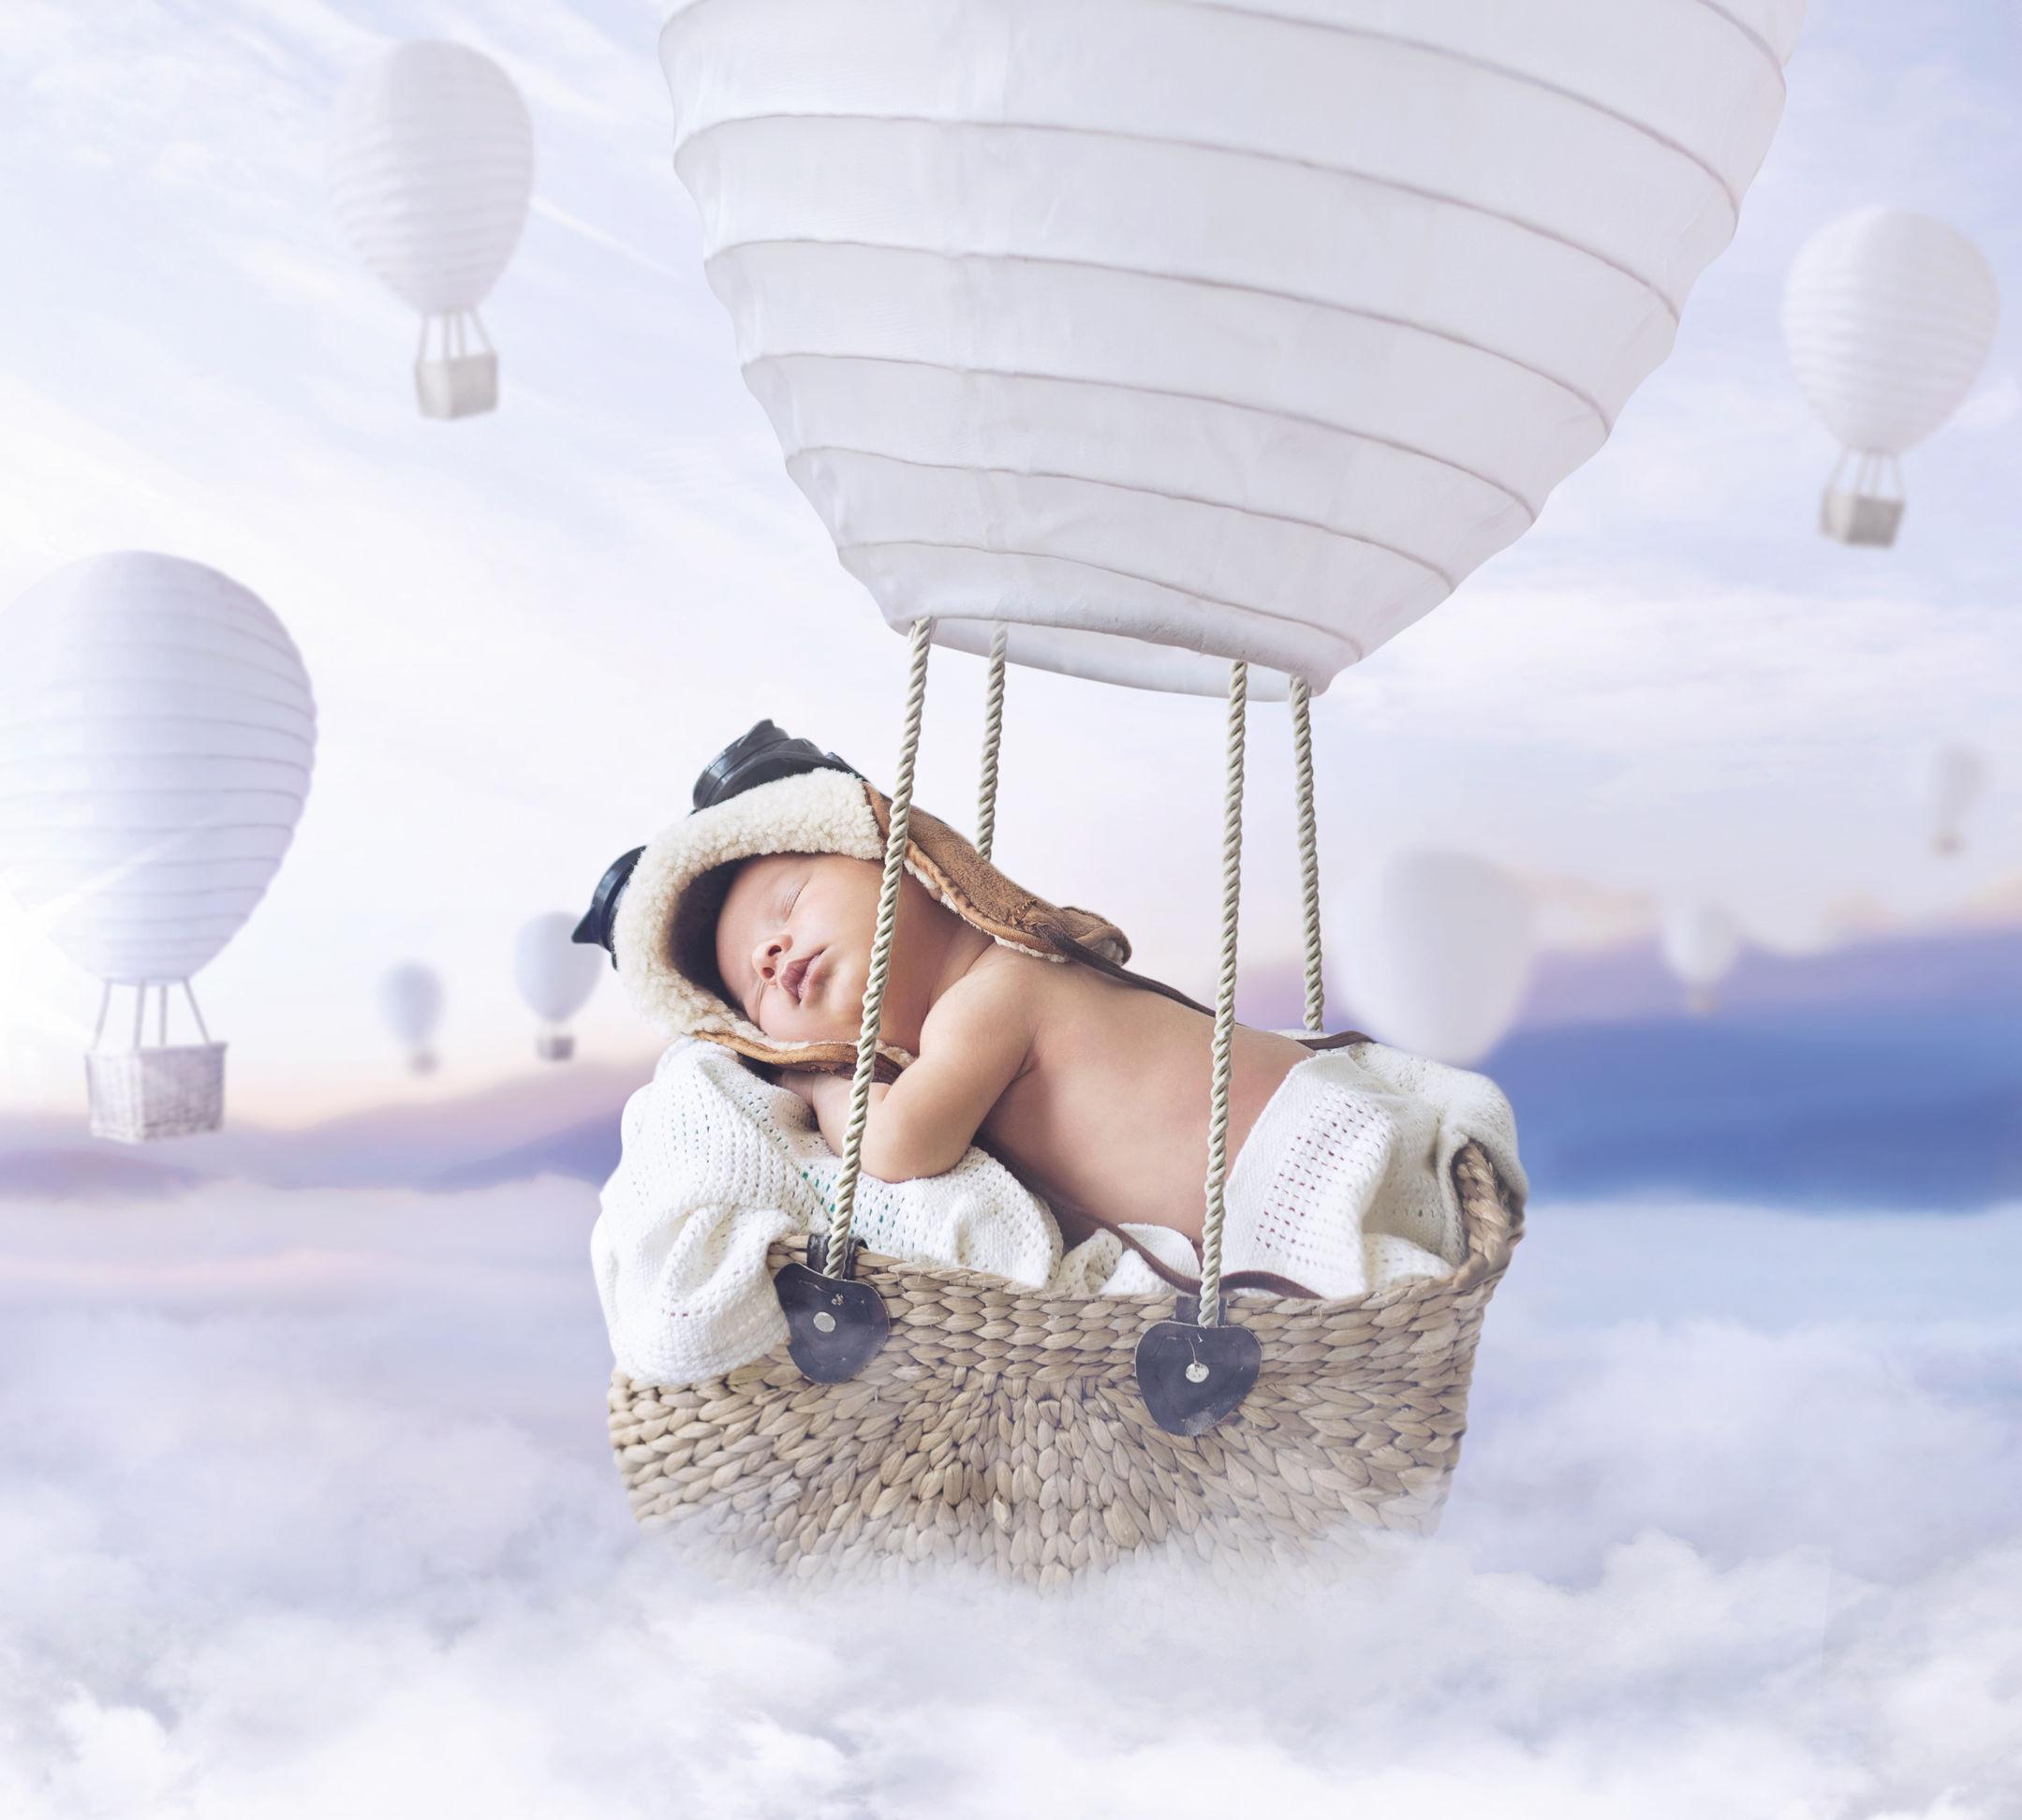 Сайт фотостудии детей иноворожденных Minas